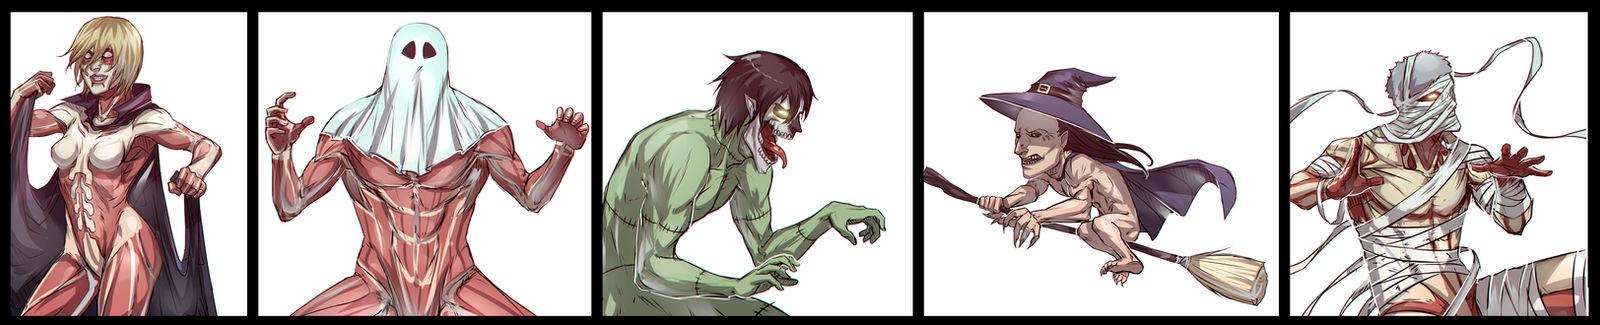 Halloween Titans